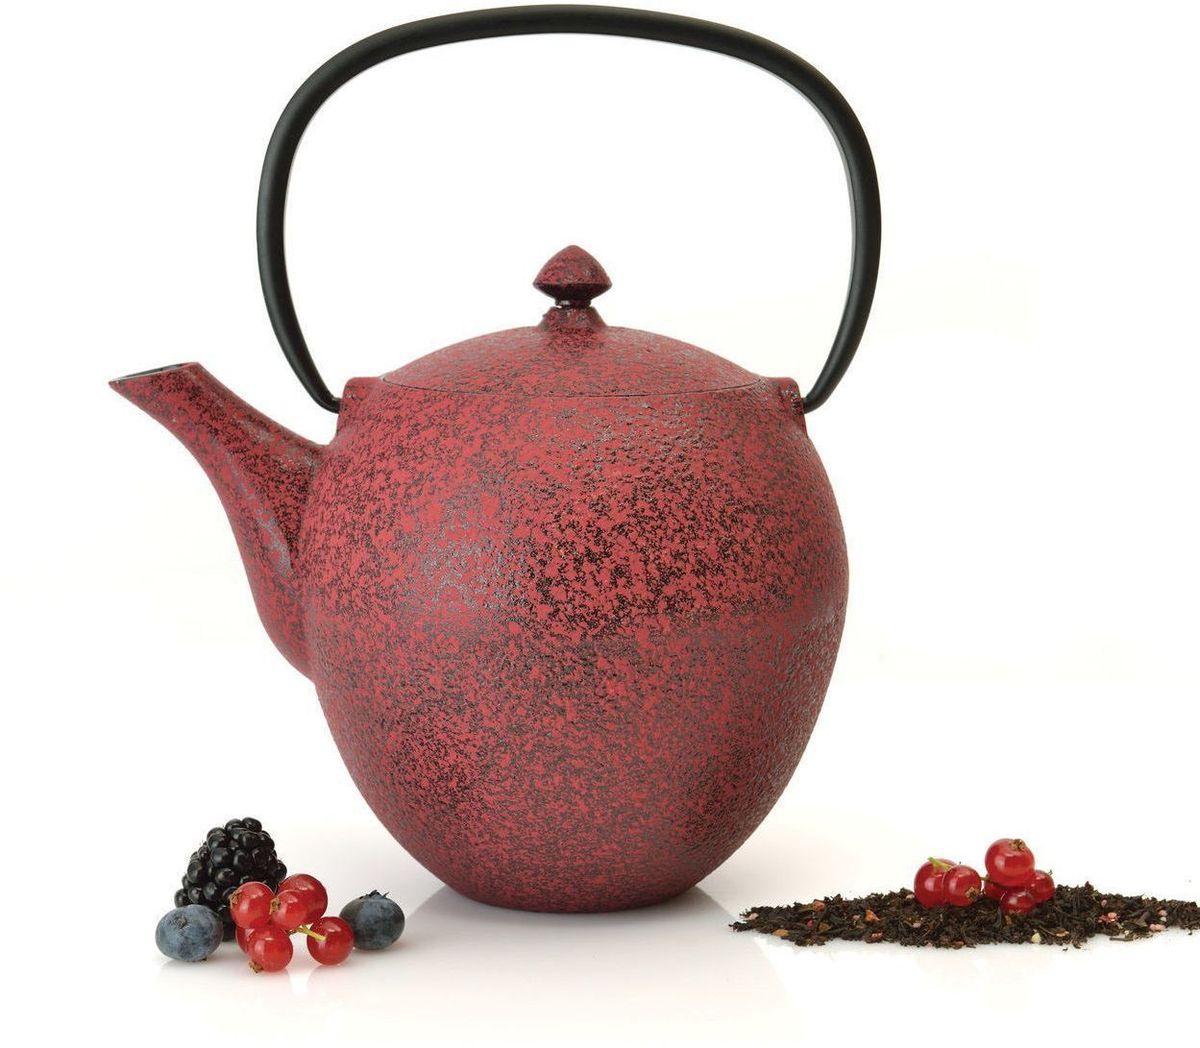 Чугунный чайник BergHOFF Studio, цвет: темно-красный, 1,0 л1107044Чайник Studio изготовлен из чугуна, благодаря которому сохраняет чай дольше горячим. Кроме того, благодаря равномерному распределению тепла в чугуне, улучшается натуральный вкус чайных листьев. Мелкосетчатый фильтр позволяет наслаждаться чаем без докучливых чаинок в Вашей чашке. Внутреннее покрытие из прочной эмали обеспечивает защиту от коррозии. Рекомендована ручная мойка. Упакован в подарочную коробку.